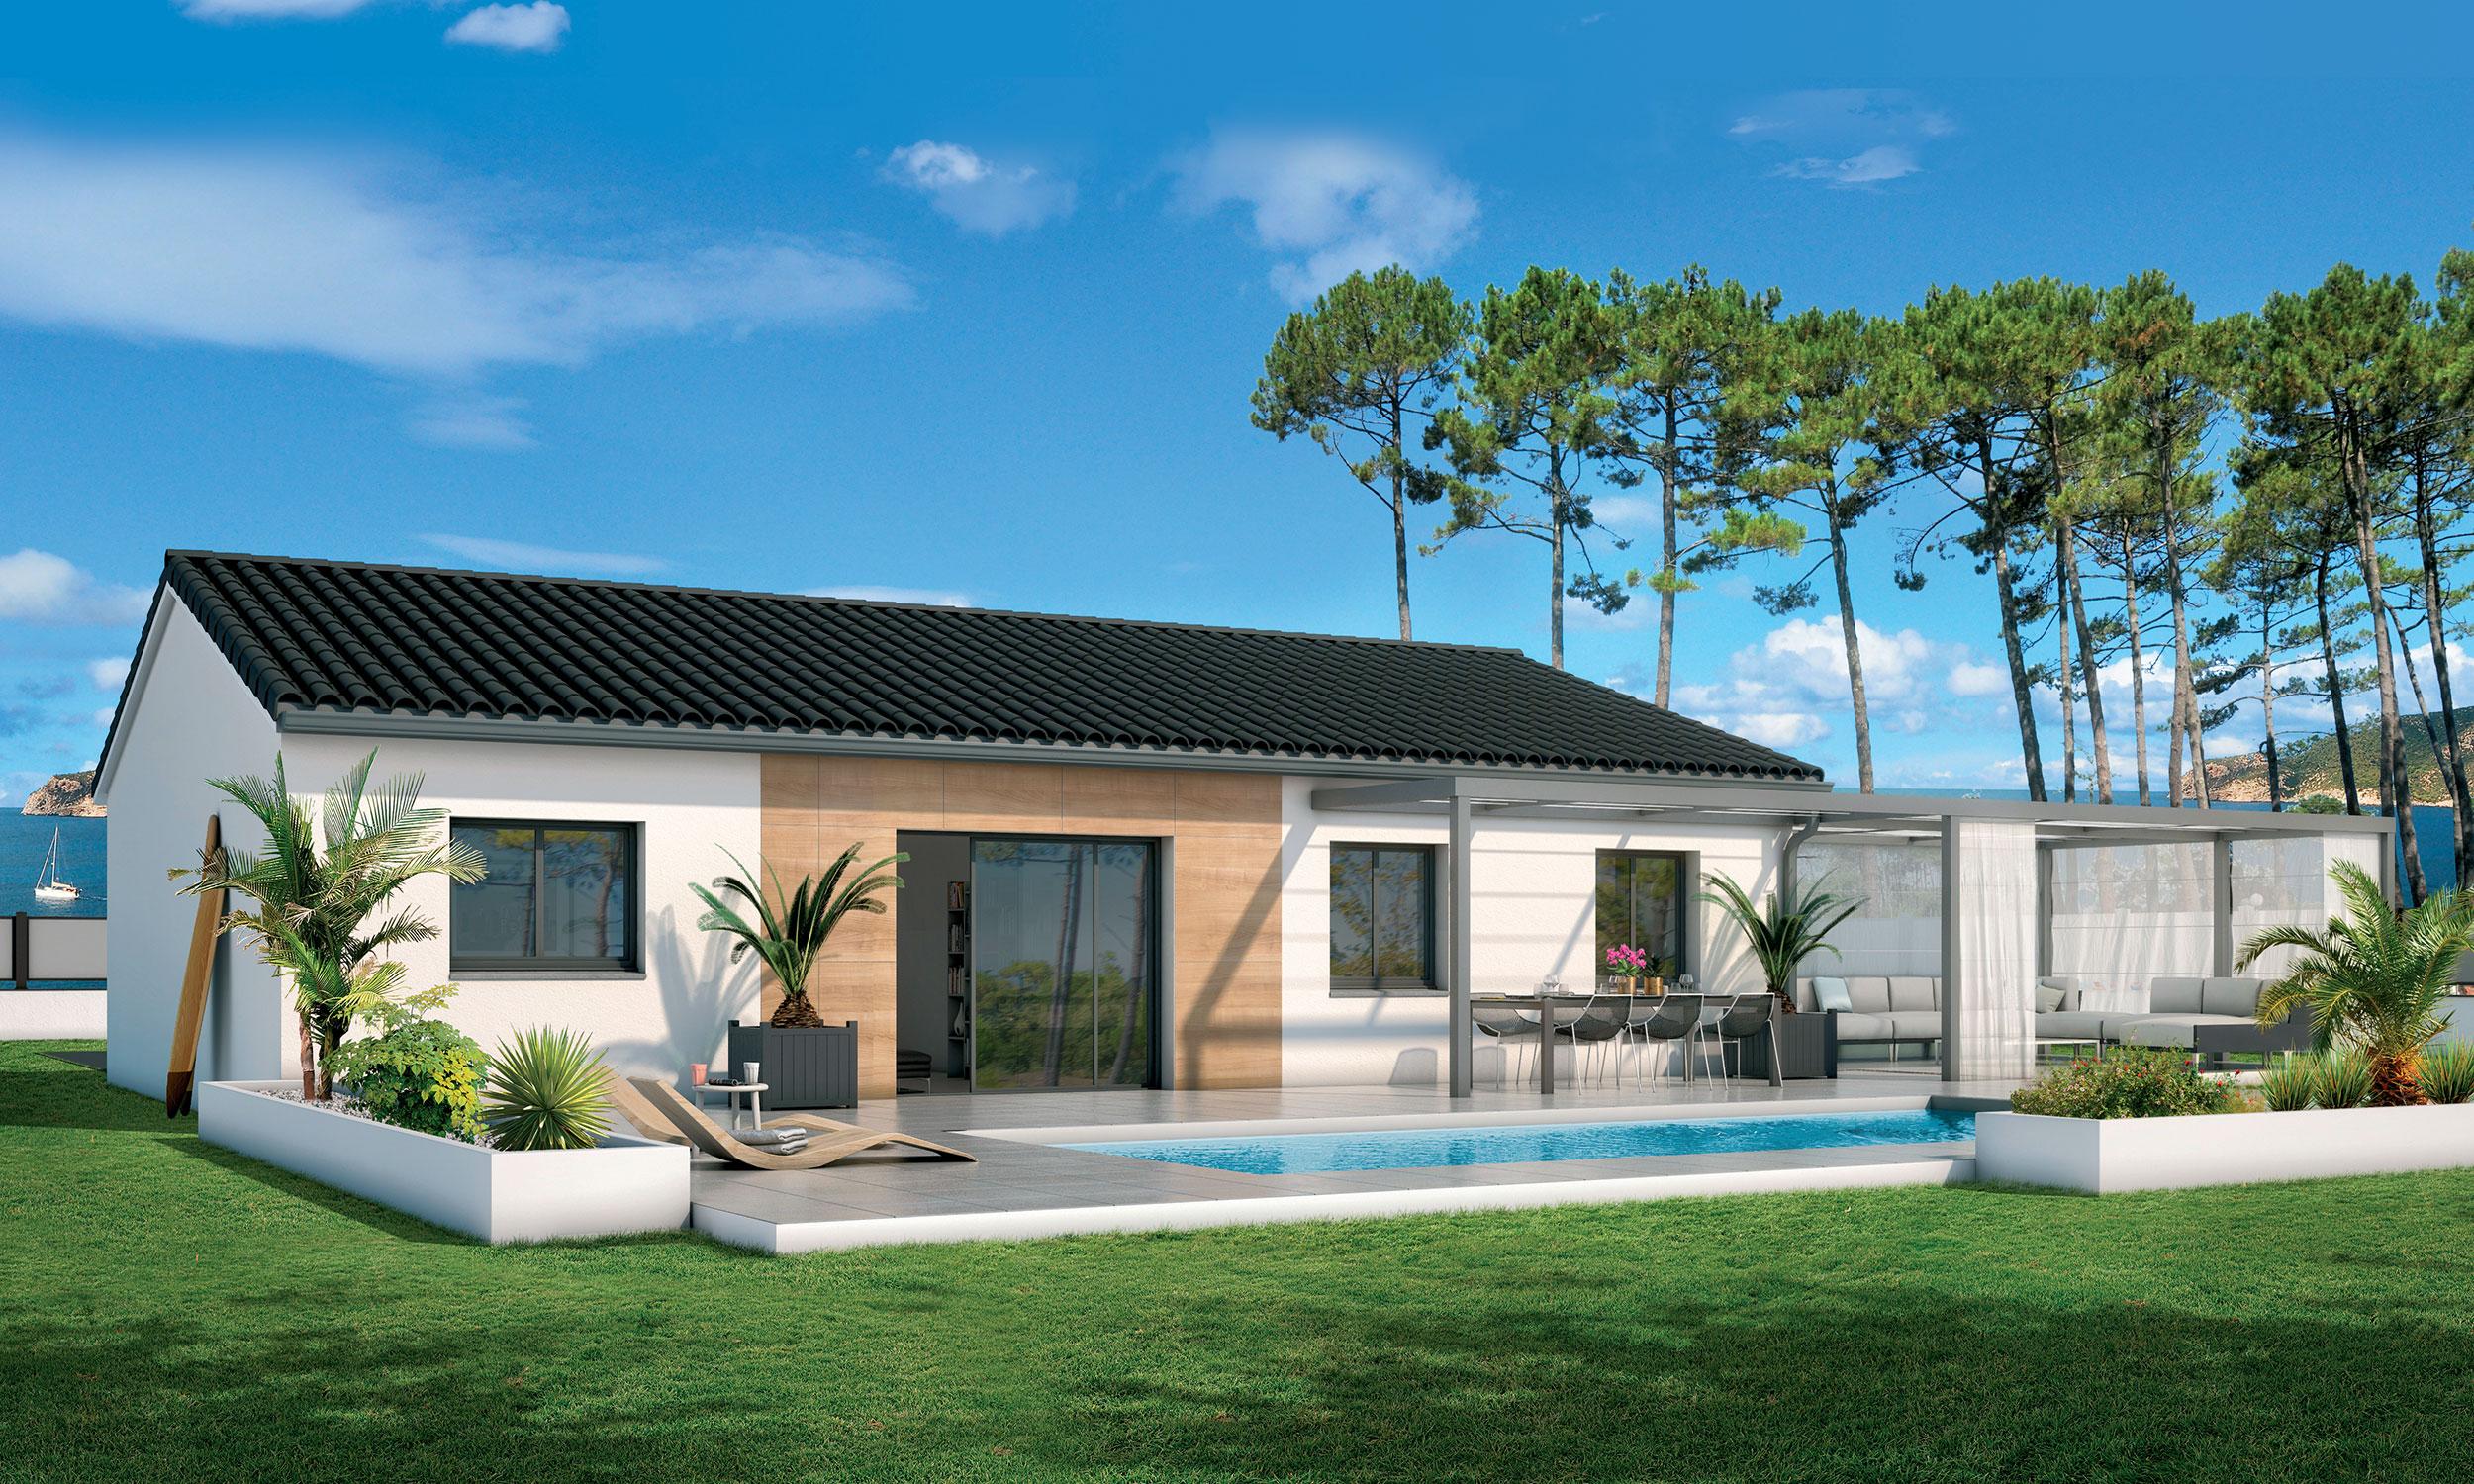 Maison Contemporaine Plain Pied Cosy Avec Plans Maisons Bati France Constructeur Maison Individuelle Languedoc Roussillon